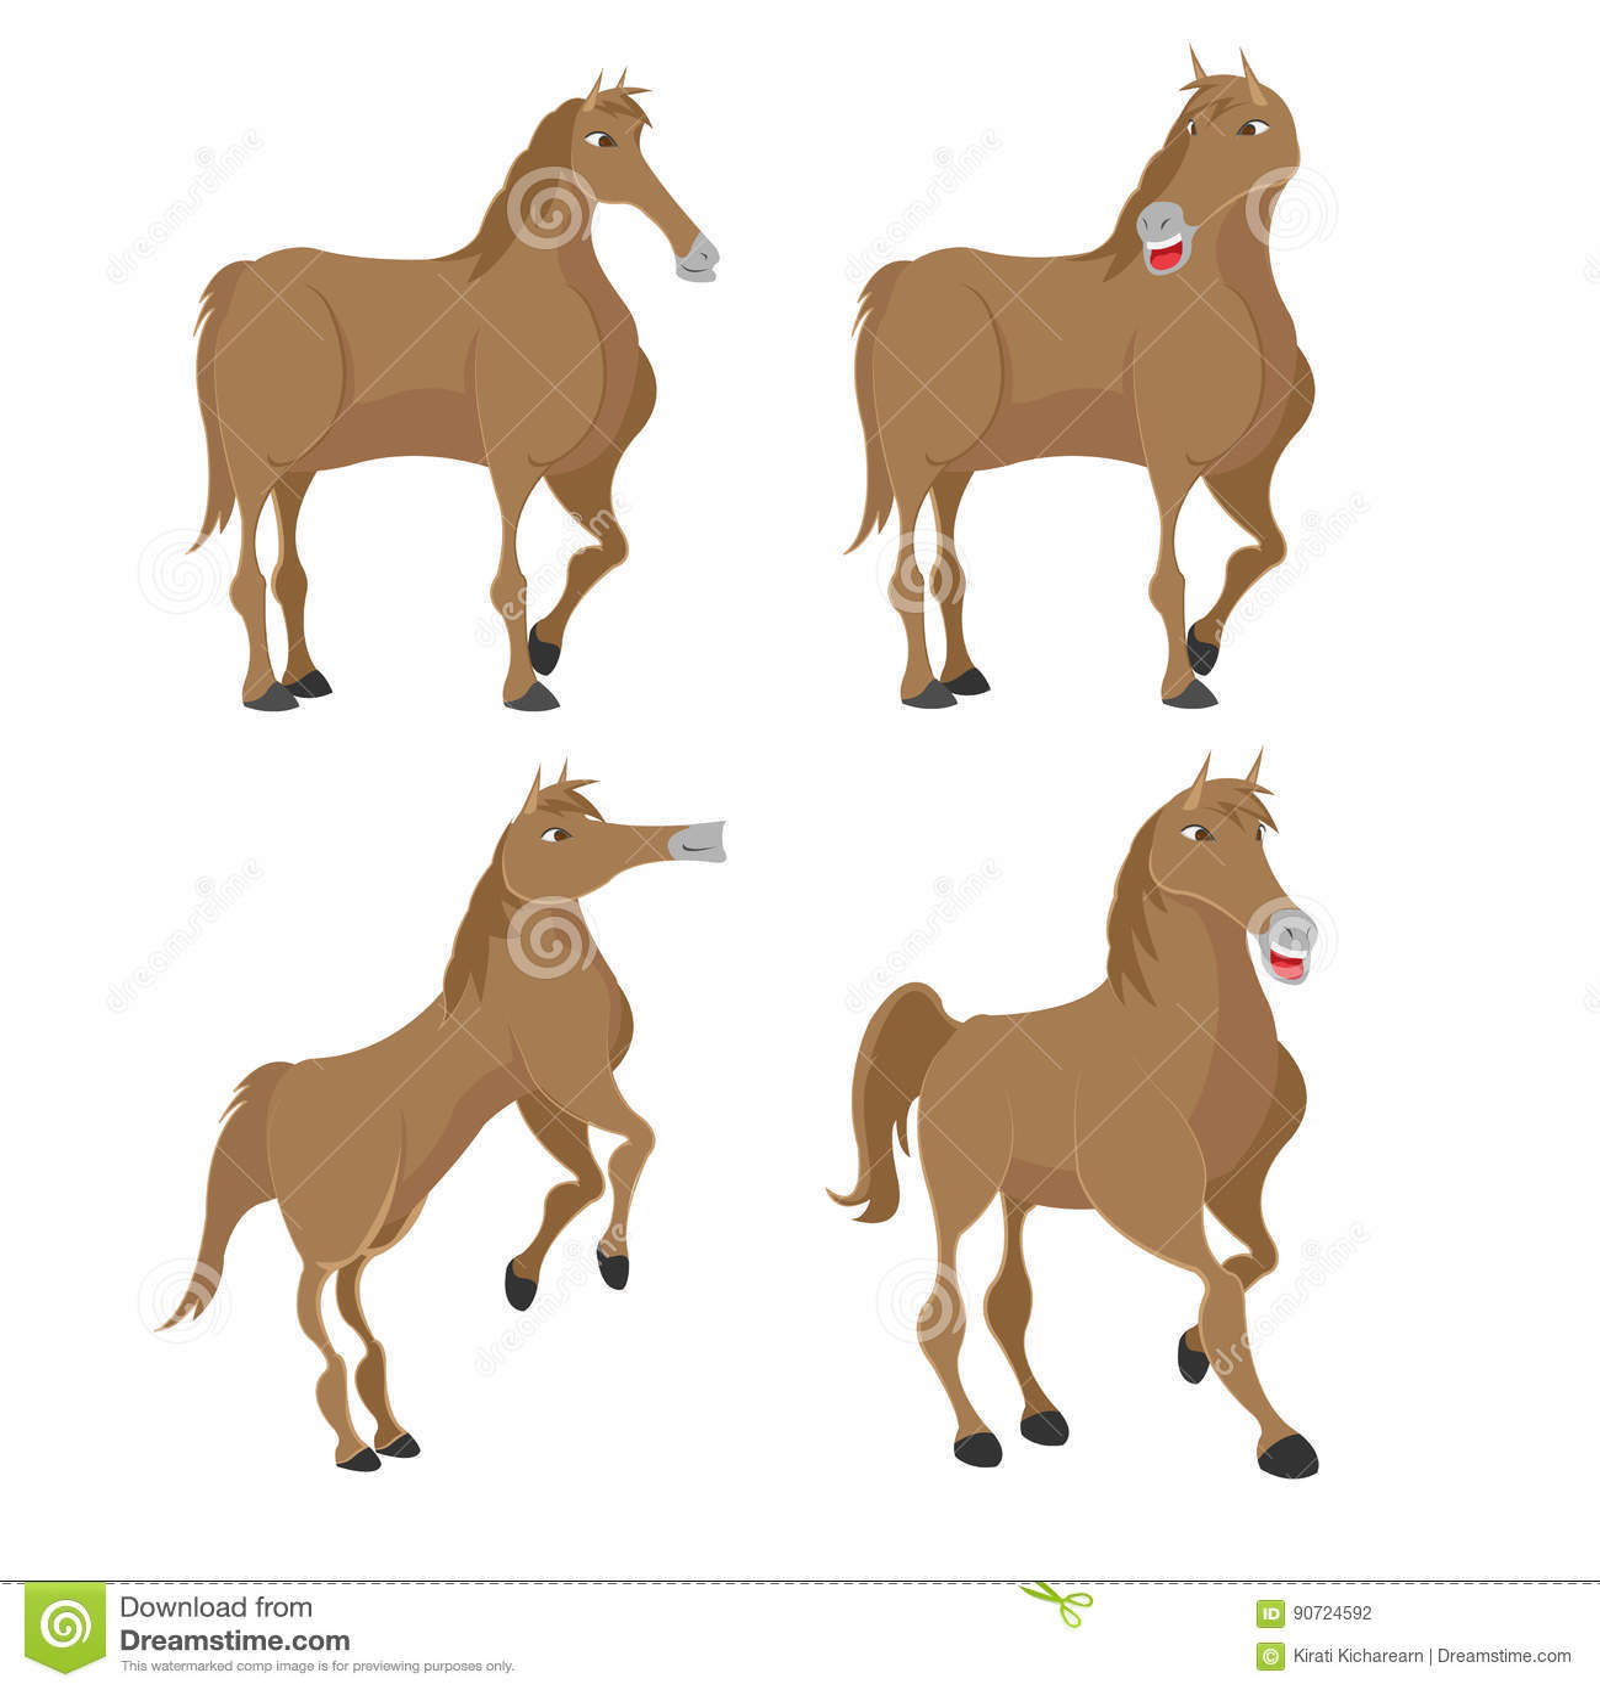 Sorrel Cartoons, Illustrations & Vector Stock Images